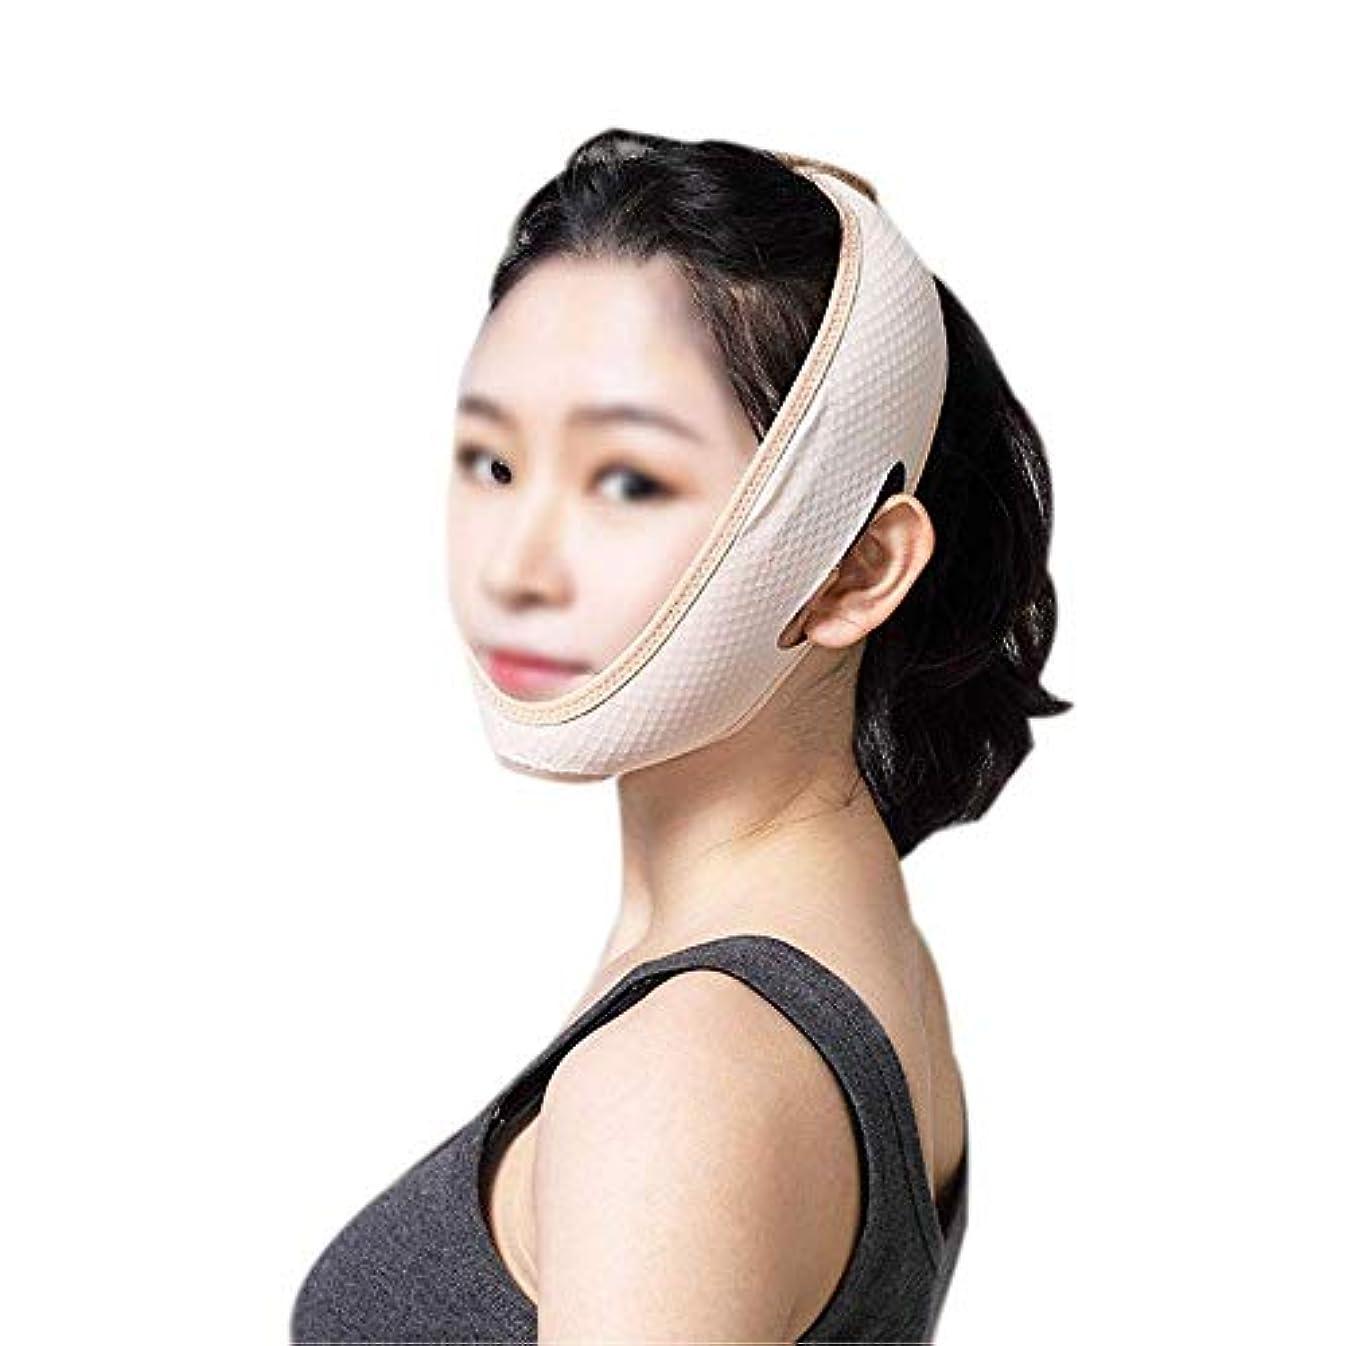 フィット請う無許可フェイスリフティングバンデージ、肌の引き締めを強化する薄いフェイスマスクの睡眠、ダブルチンマスクの削減